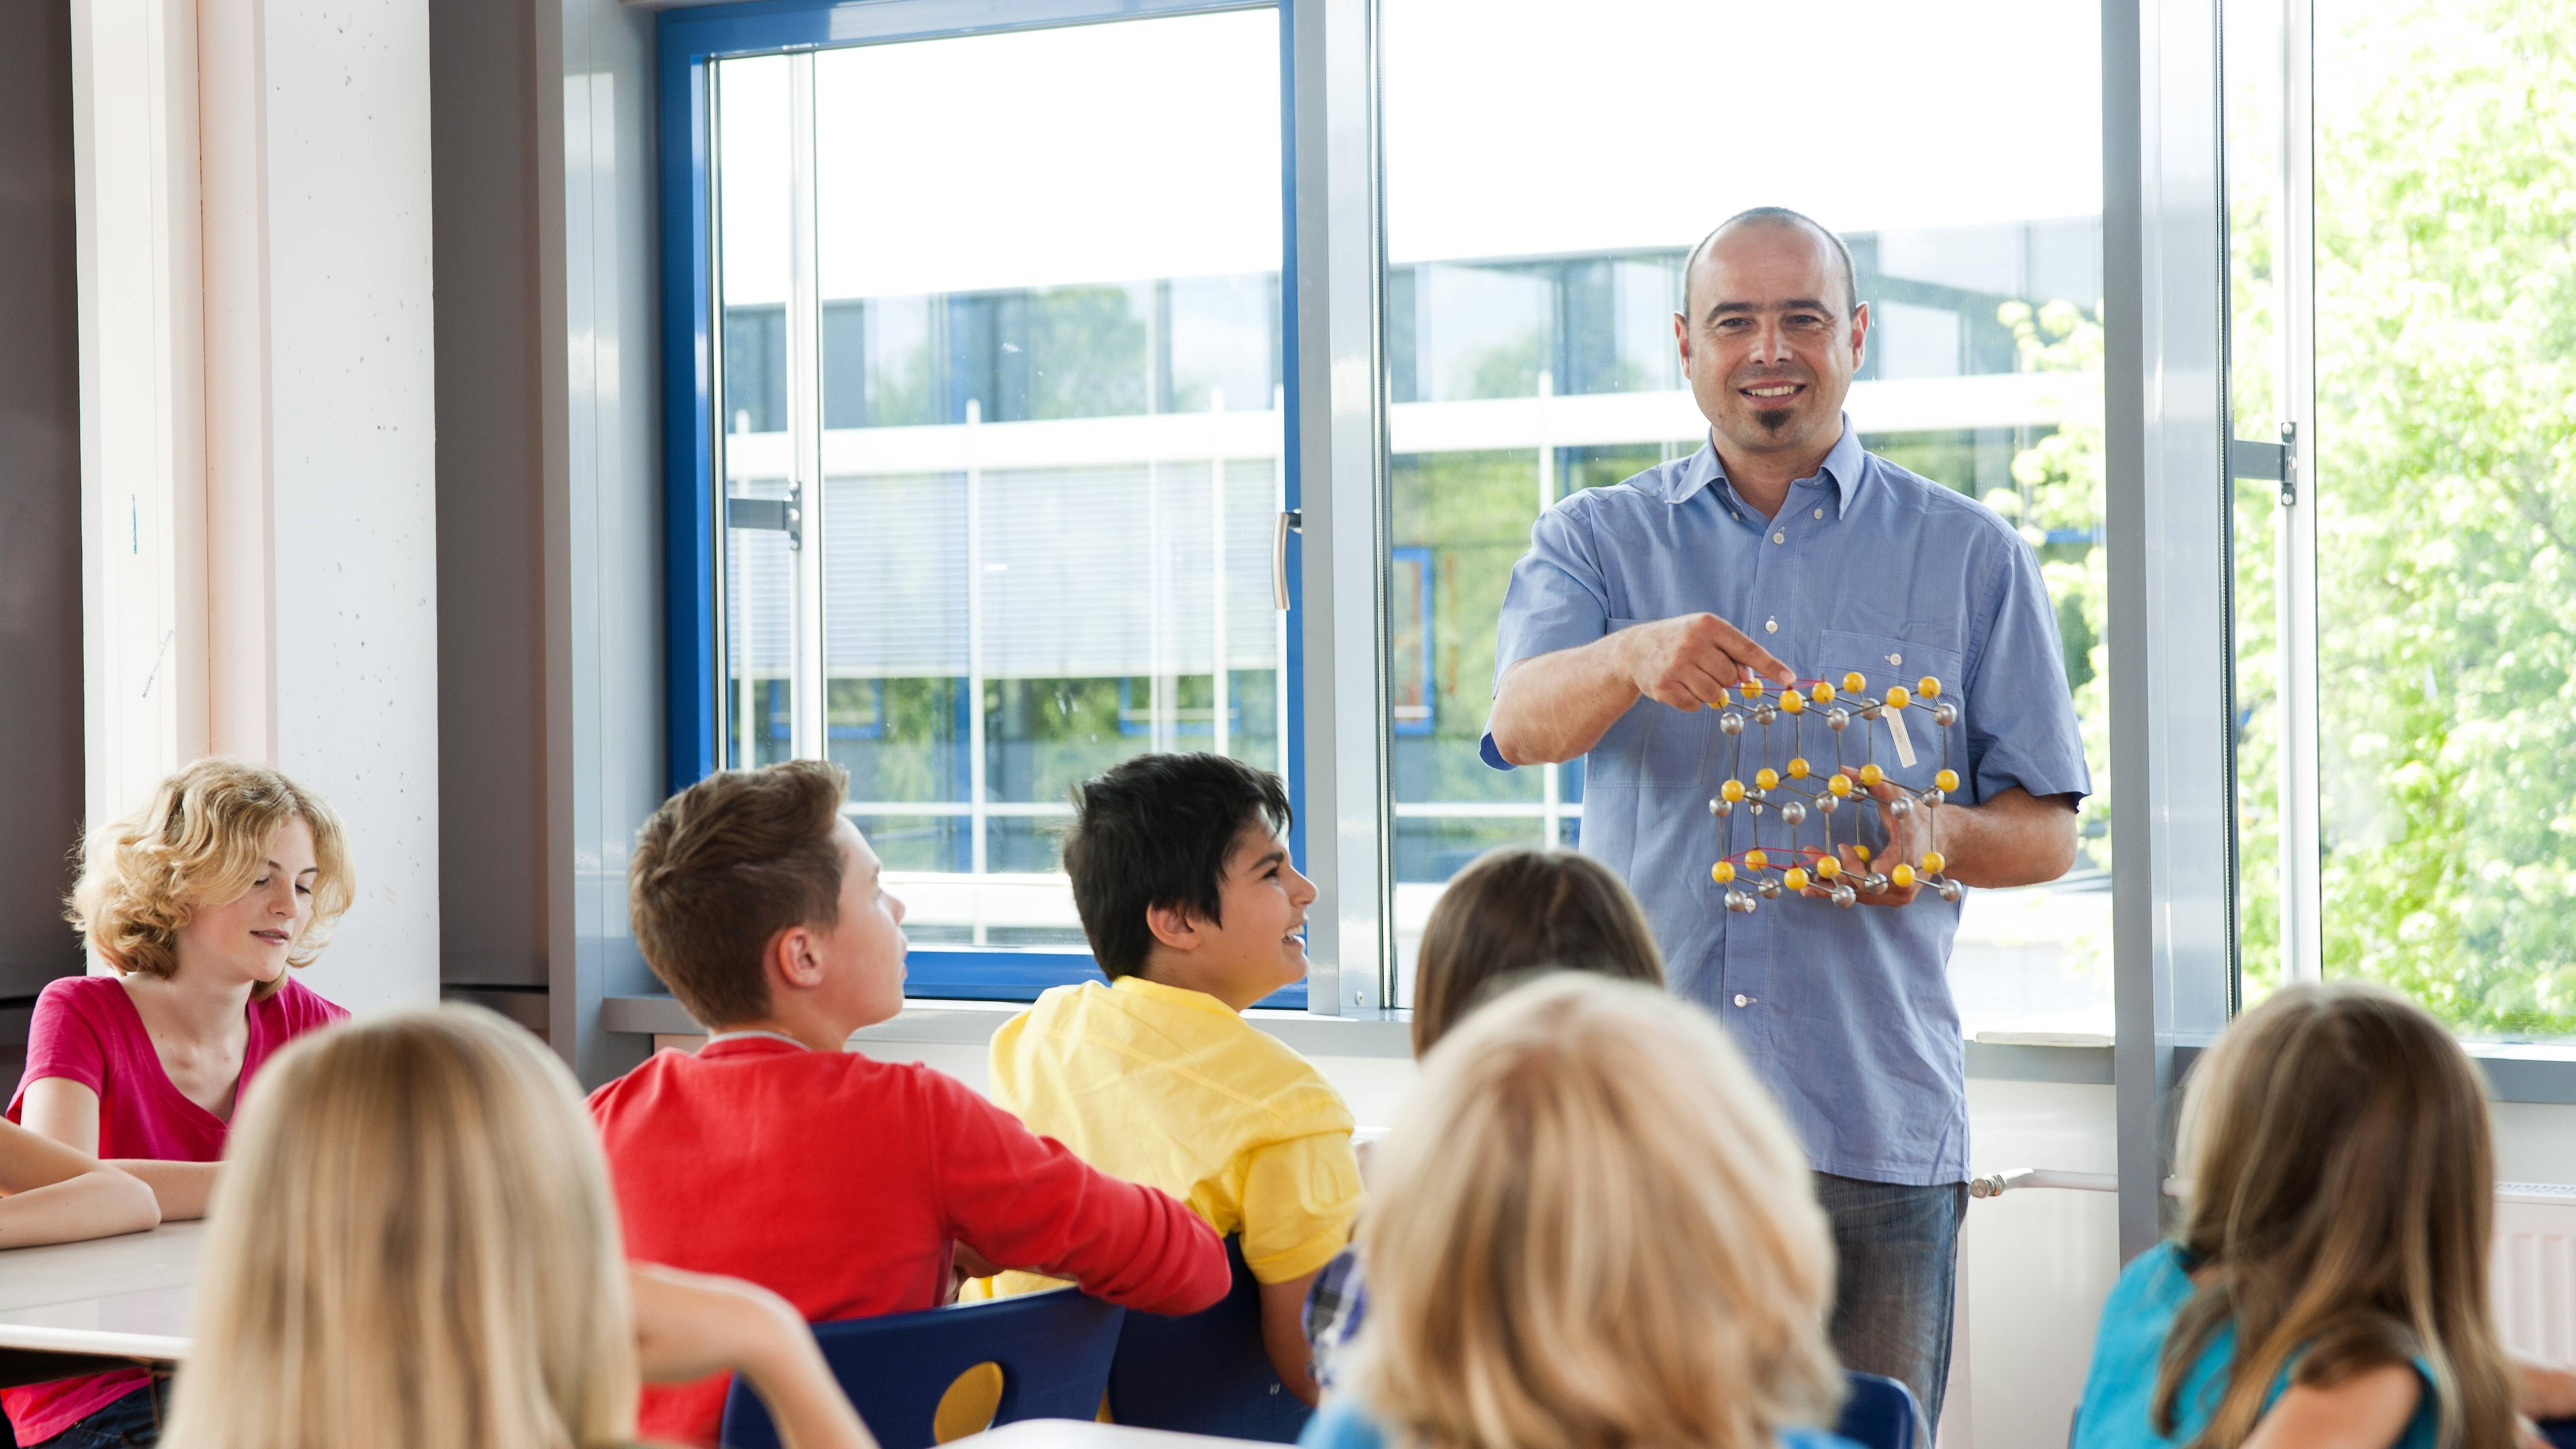 Eine Lehrer-Schüler-Beziehung besteht unabhängig davon wie viel Sie mit den einzelnen Schülern kommunizieren.